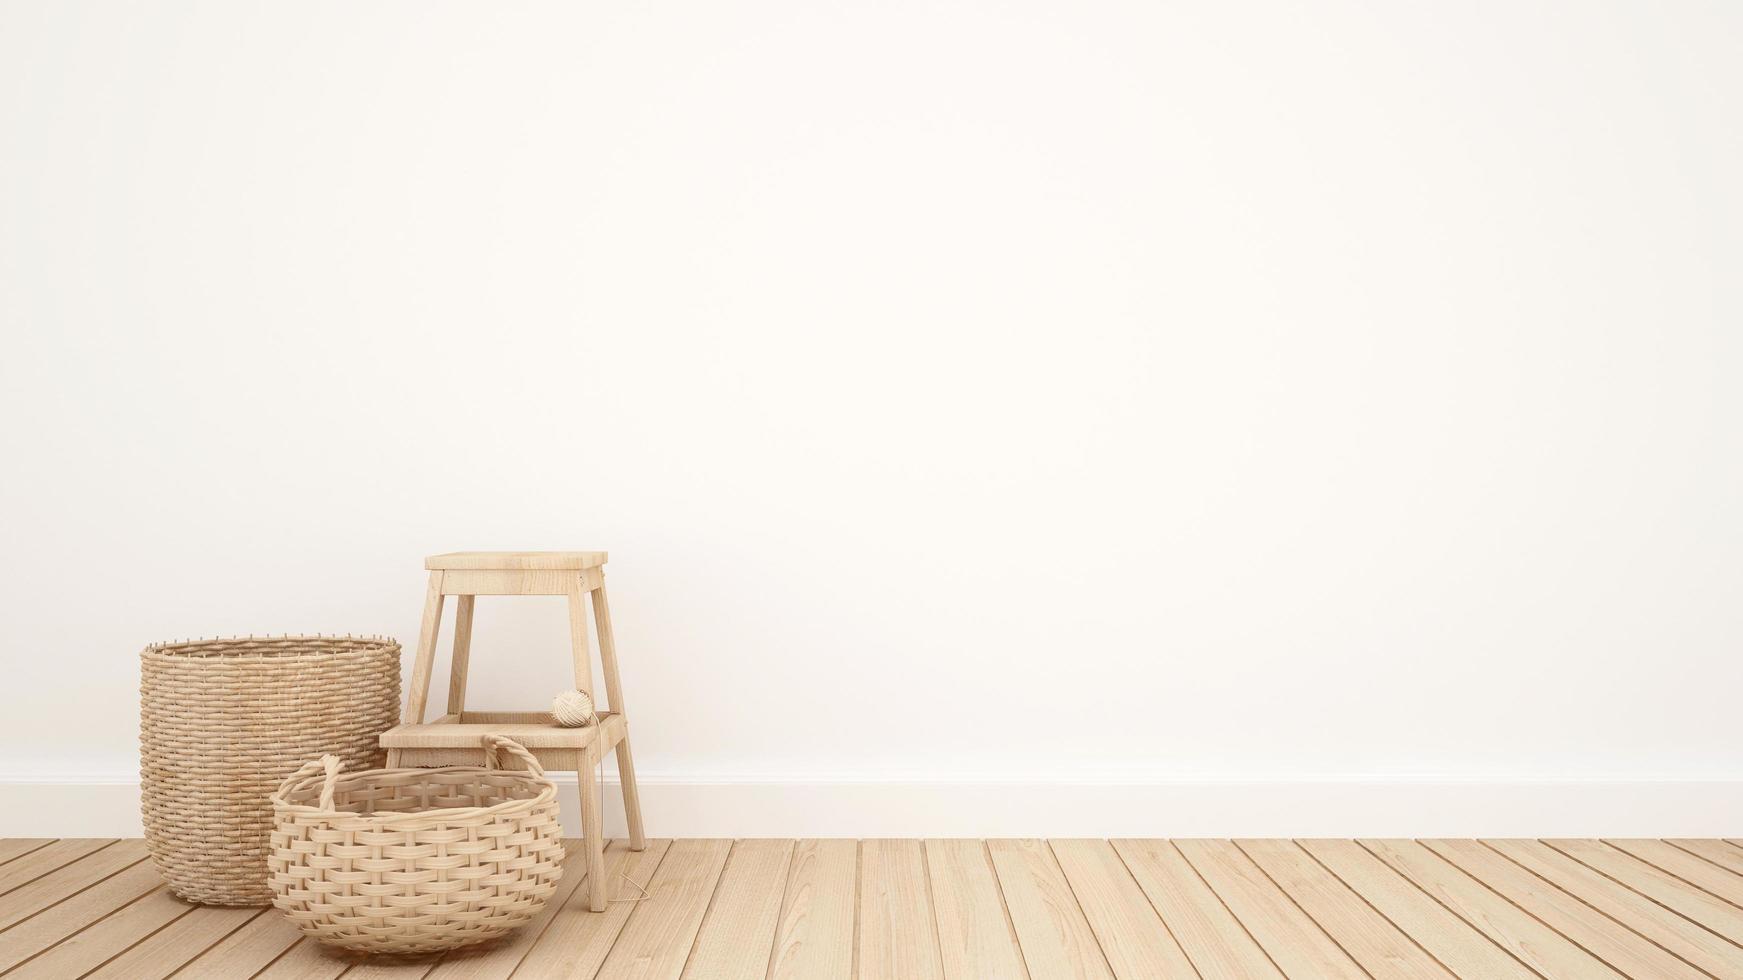 rieten mand en kruk in de witte kamer voor kunstwerken foto